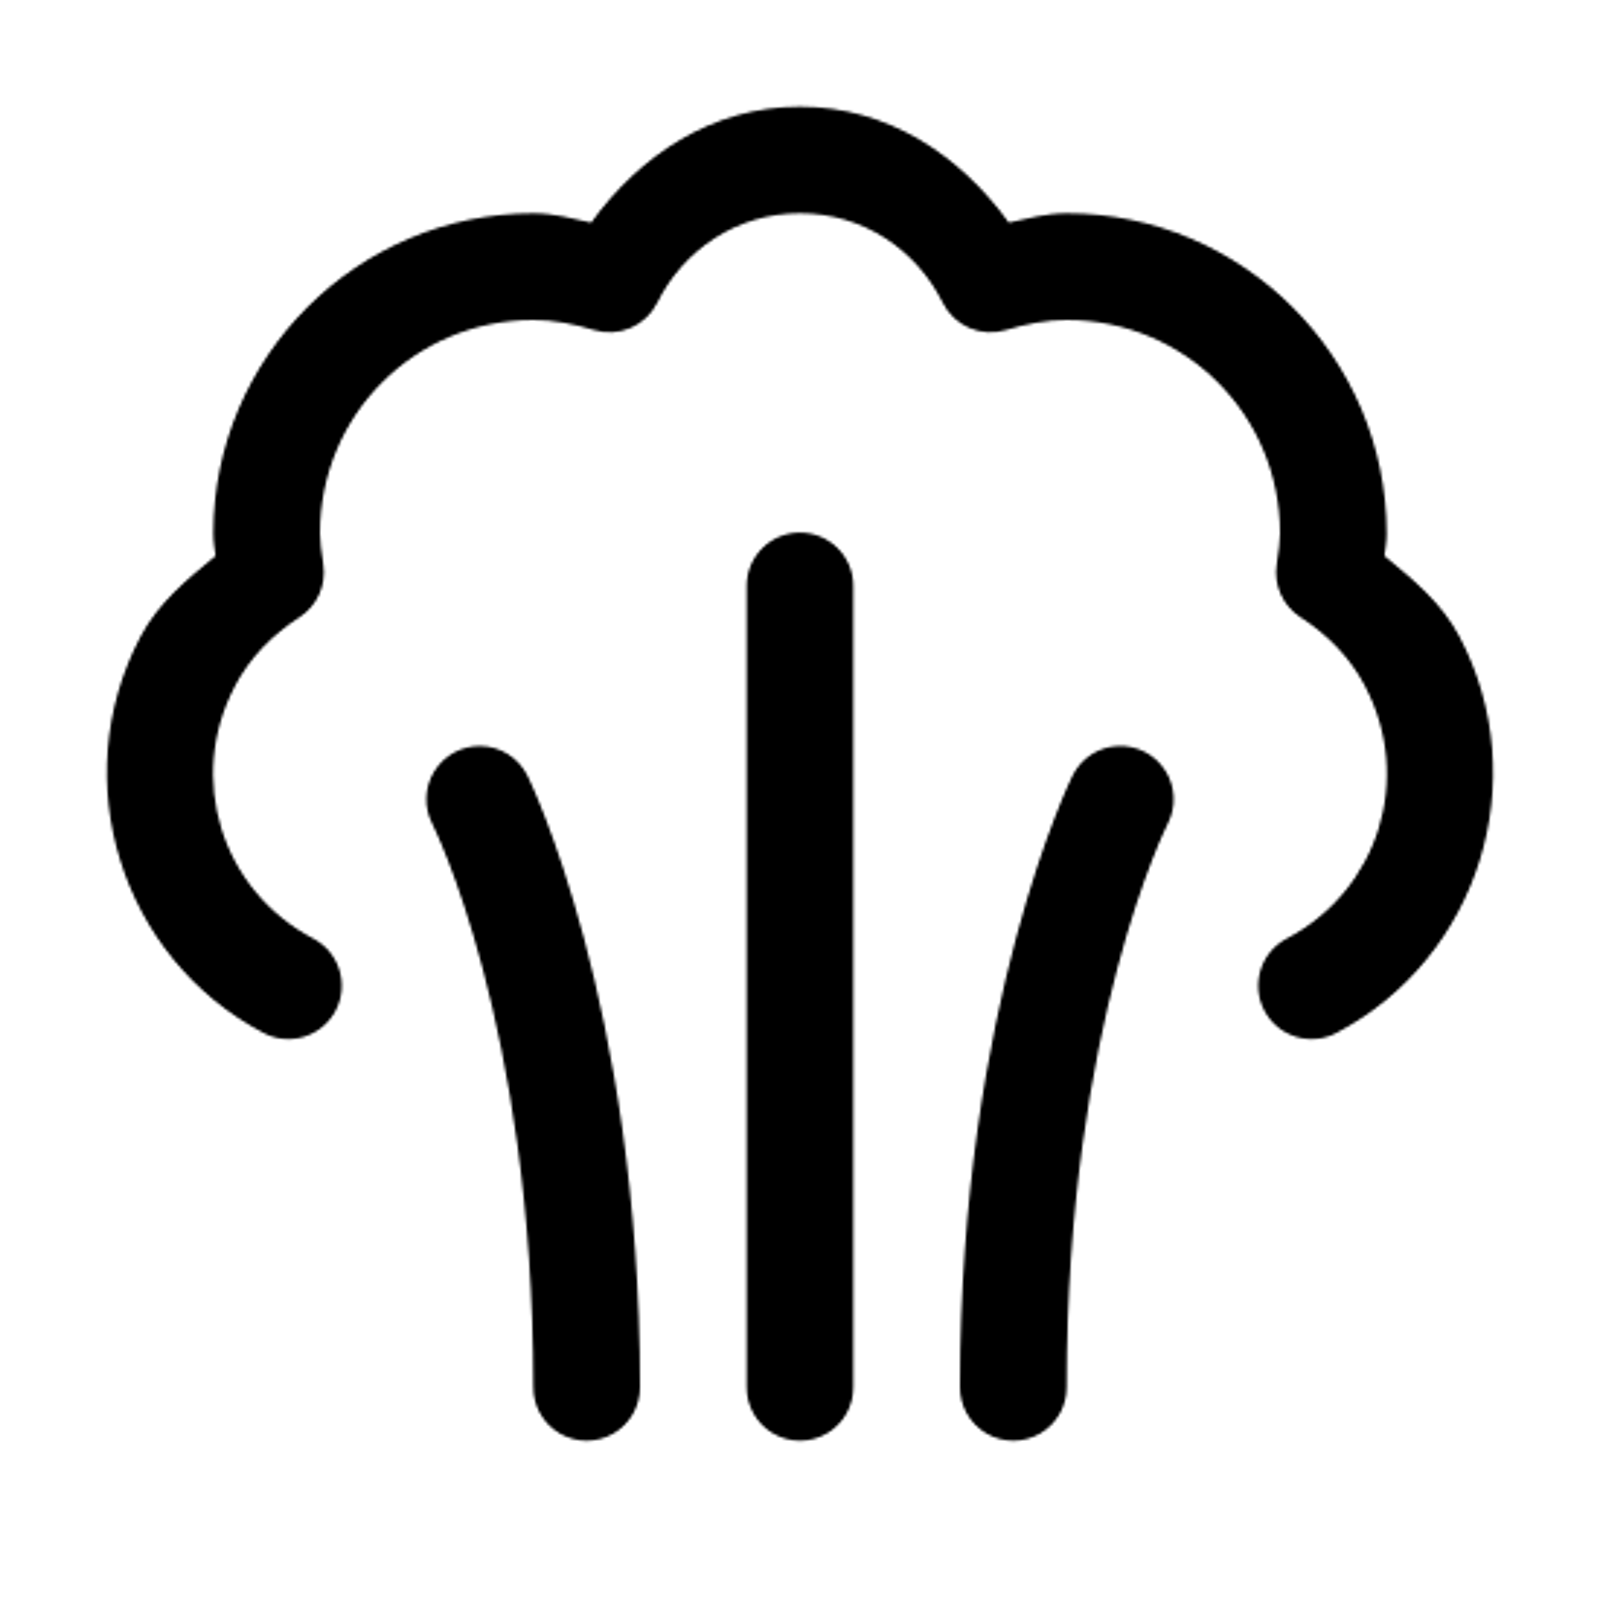 水蒸気 icon